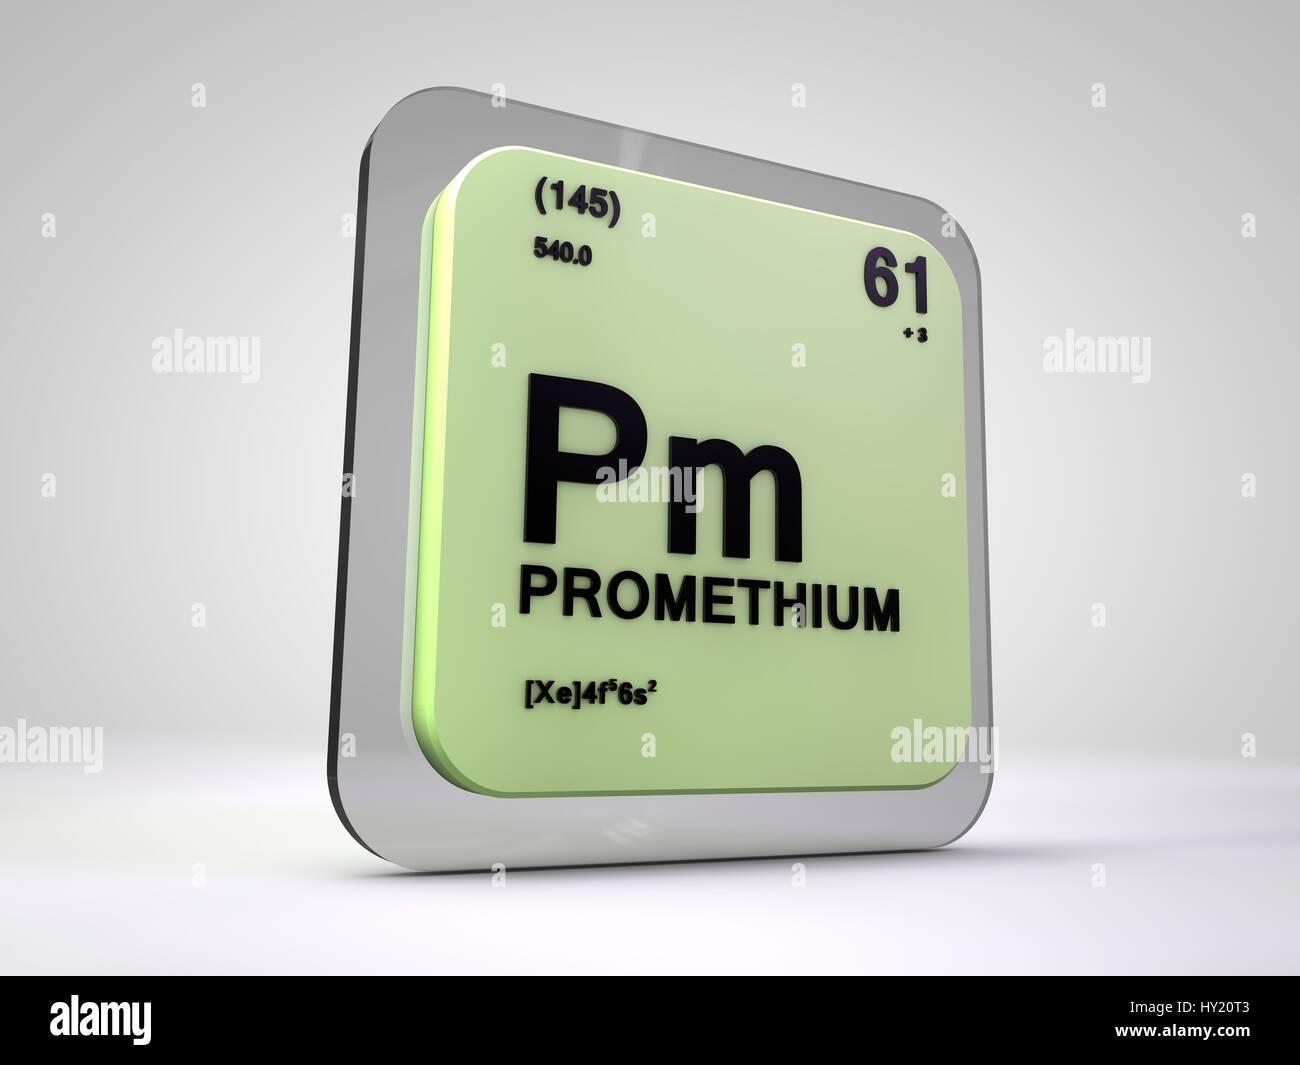 Promethium pm chemical element periodic table 3d render stock stock photo promethium pm chemical element periodic table 3d render gamestrikefo Images